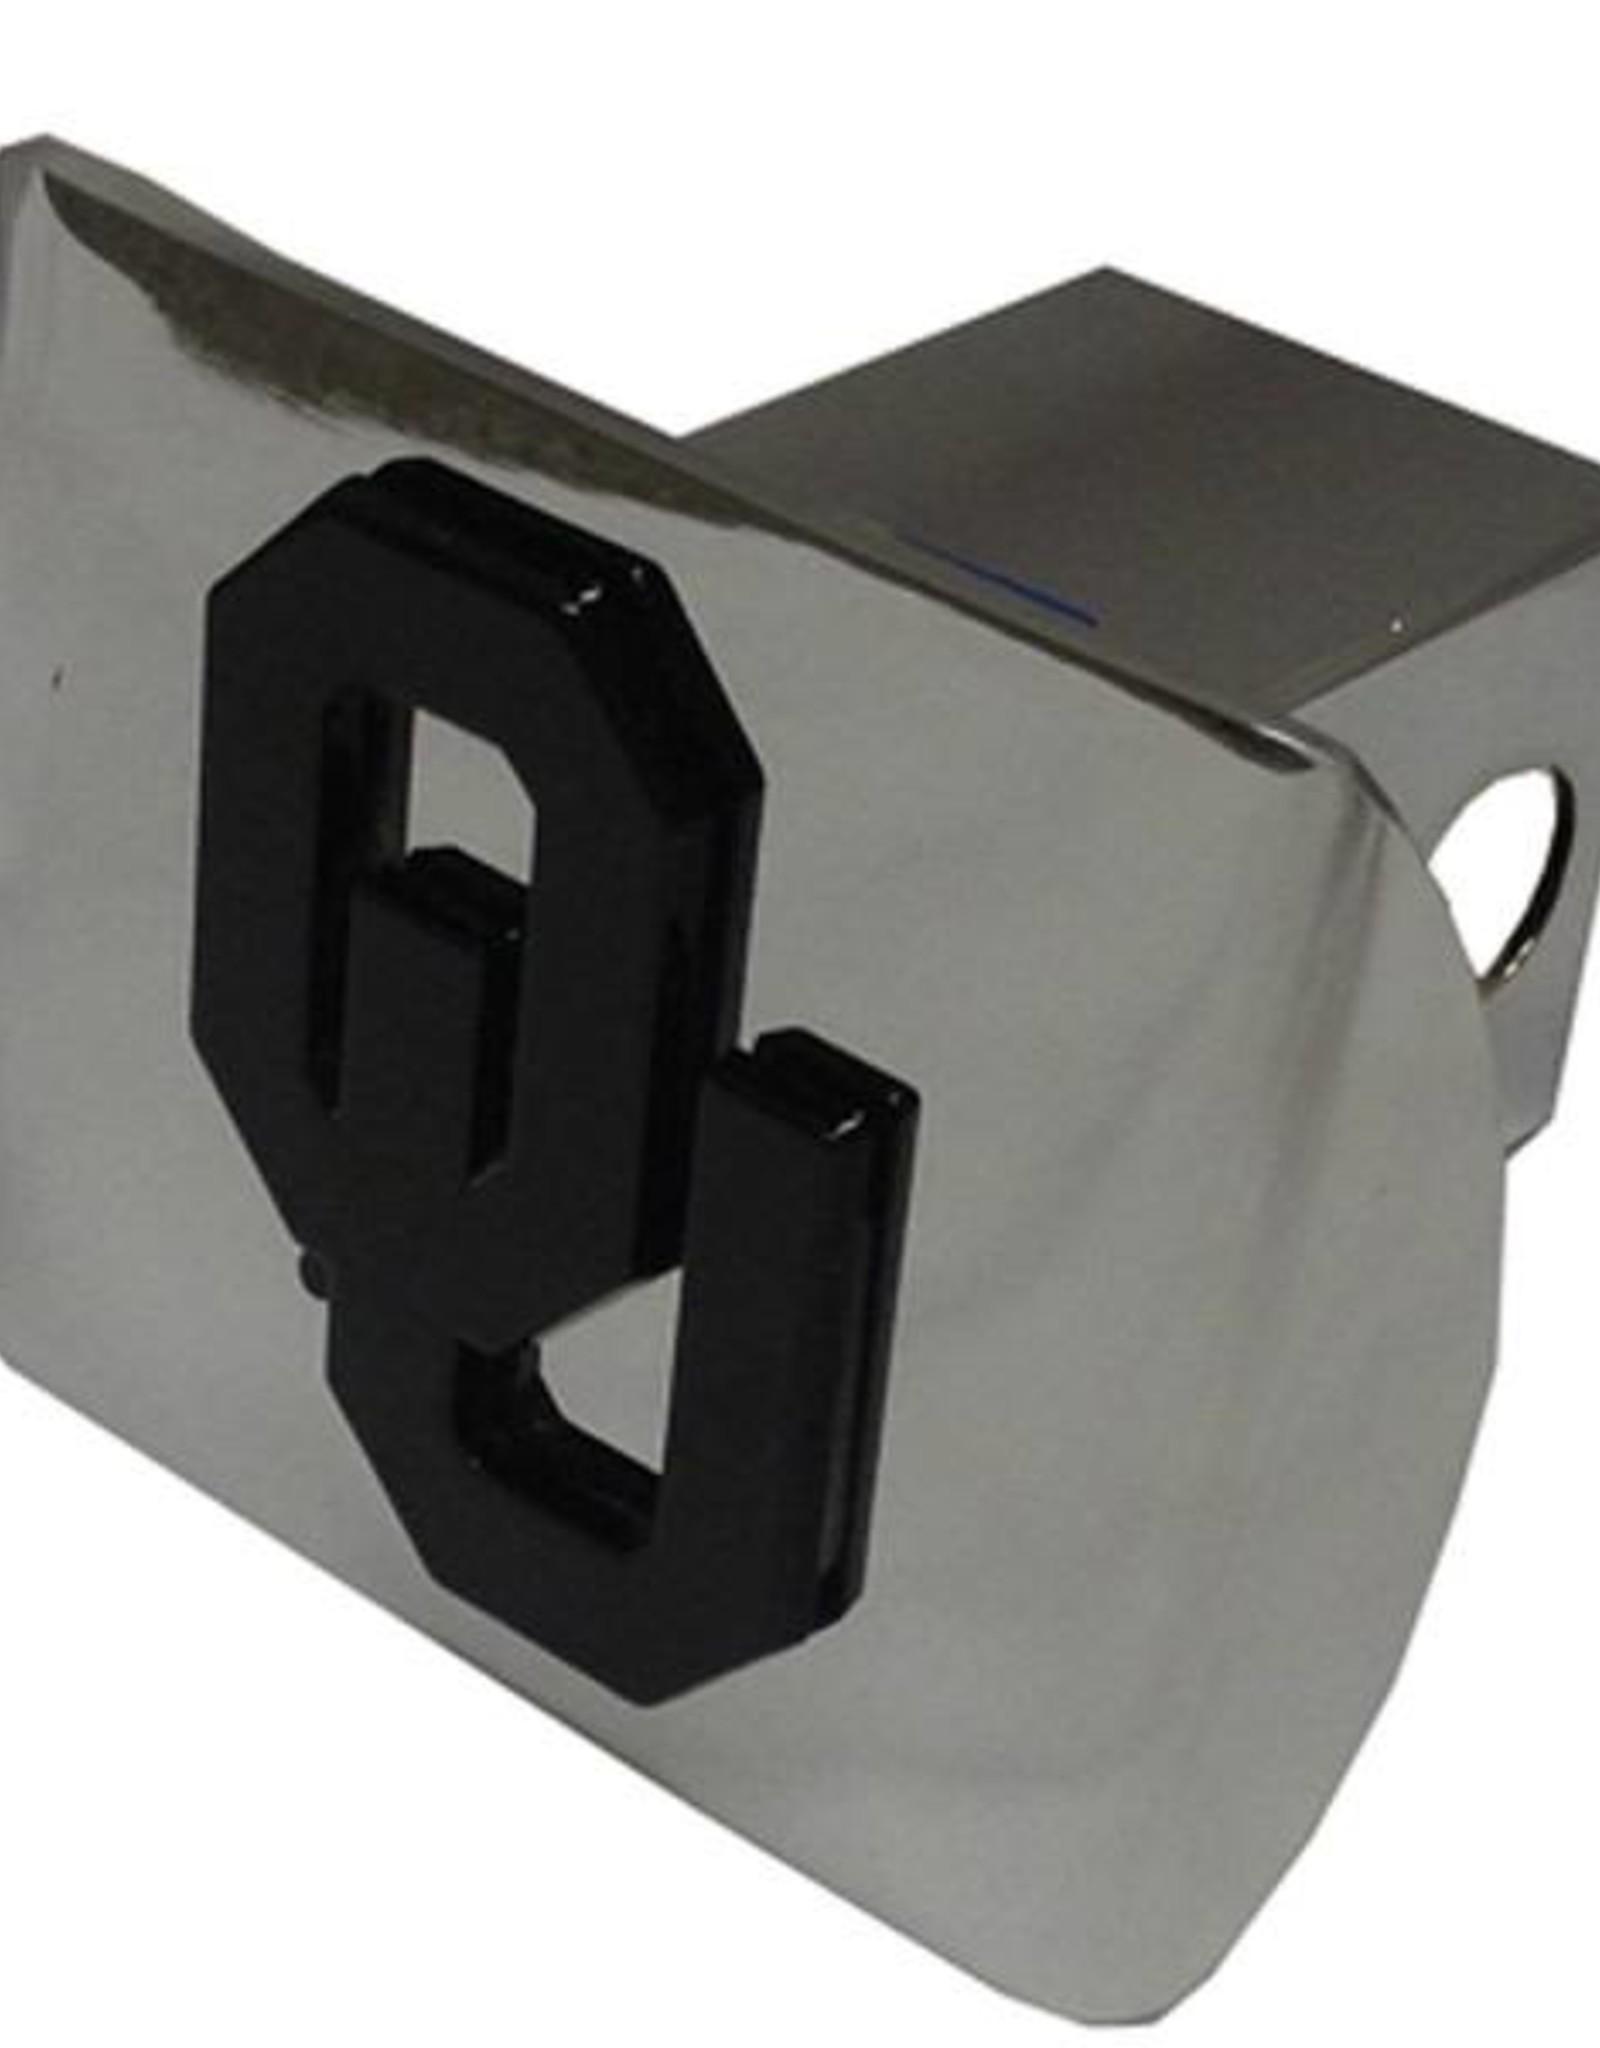 Elektroplate OU Hitch Cover Chrome with Black OU